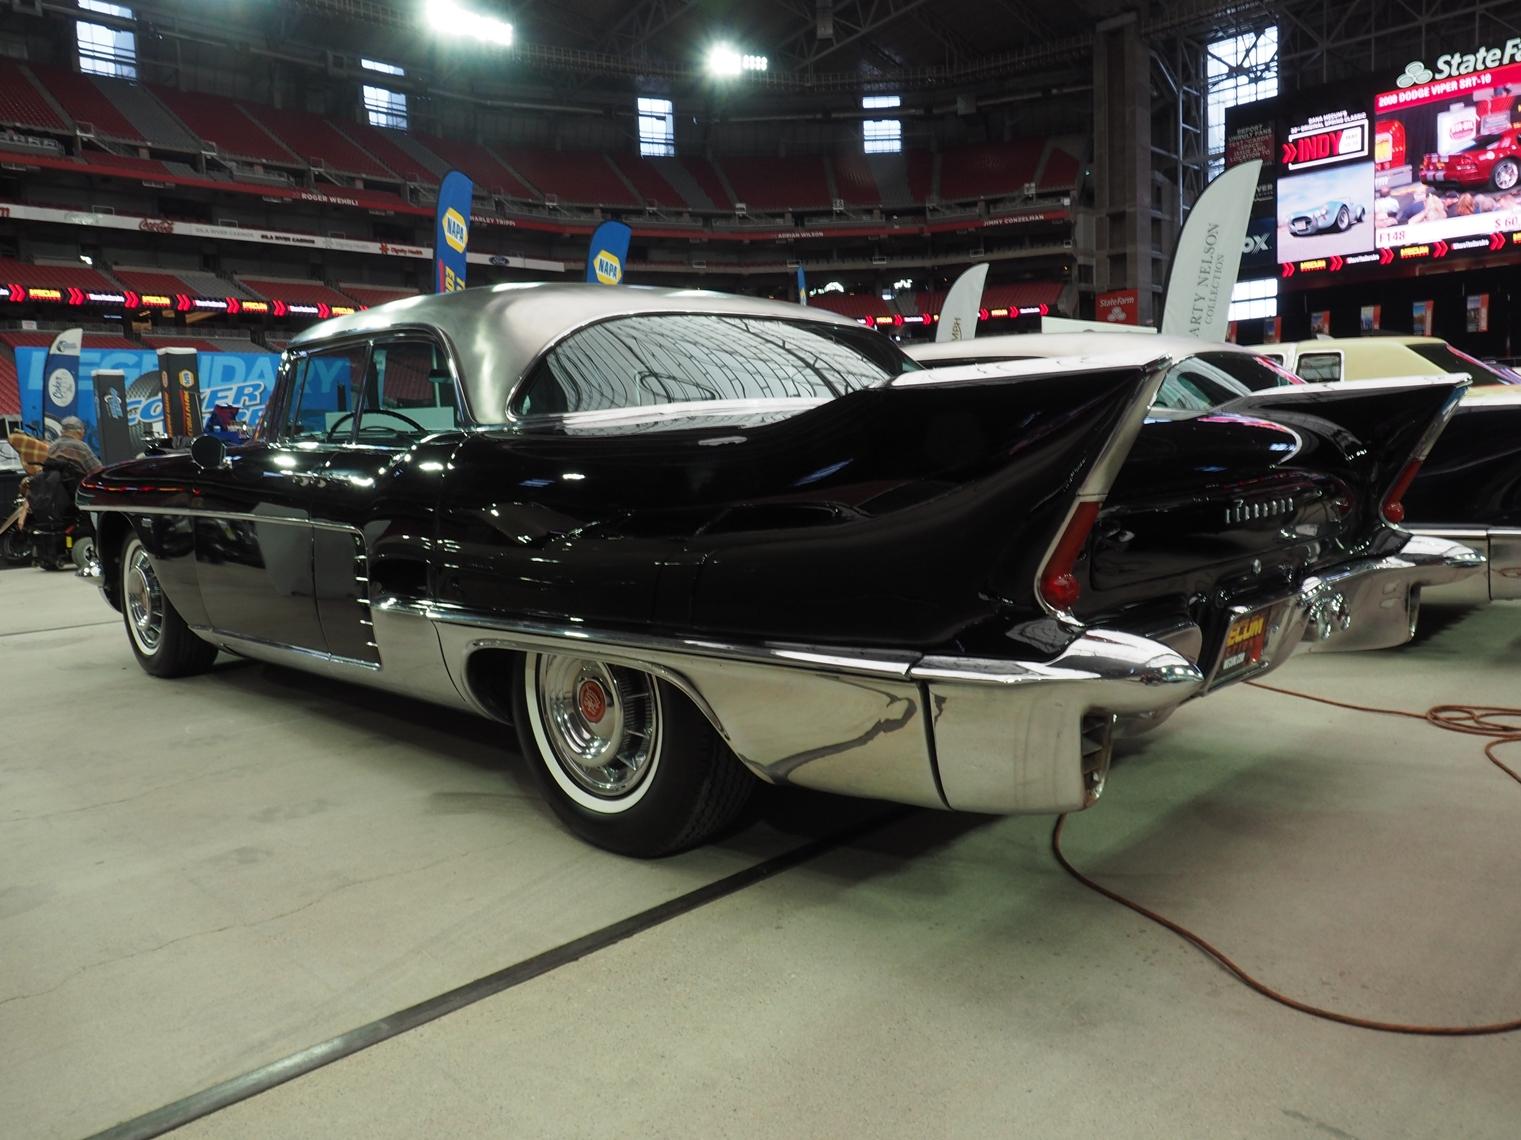 1957 Cadillac Eldorado Brougham Air wings